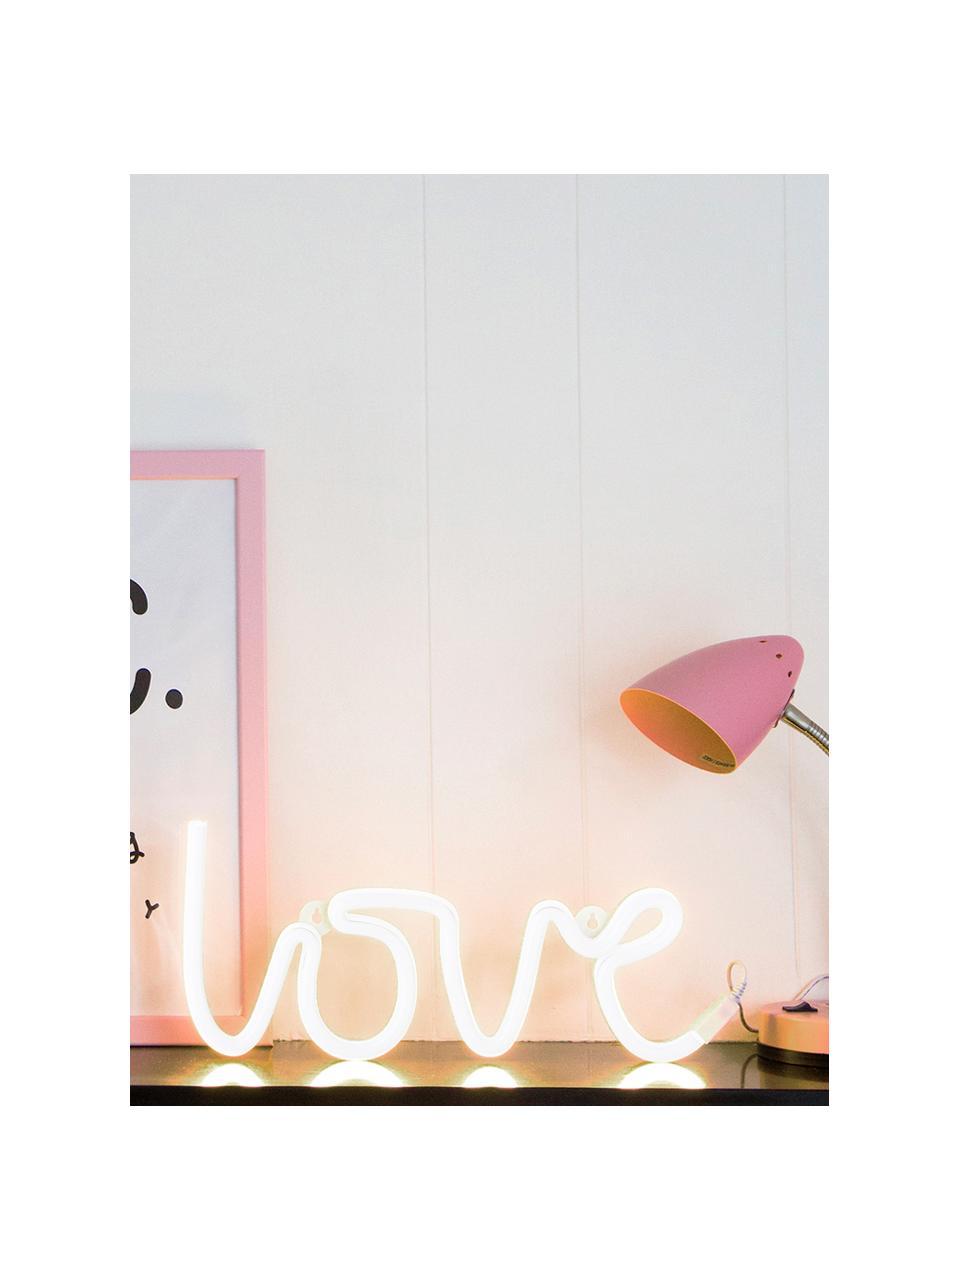 Wandleuchte Love mit Stecker, Leuchte: BPA-freier Kunststoff (PV, Lichtfarbe: Gelb<br>Im ausgeschaltenen Zustand ist die LED-Leuchte Weiß, 38 x 16 cm